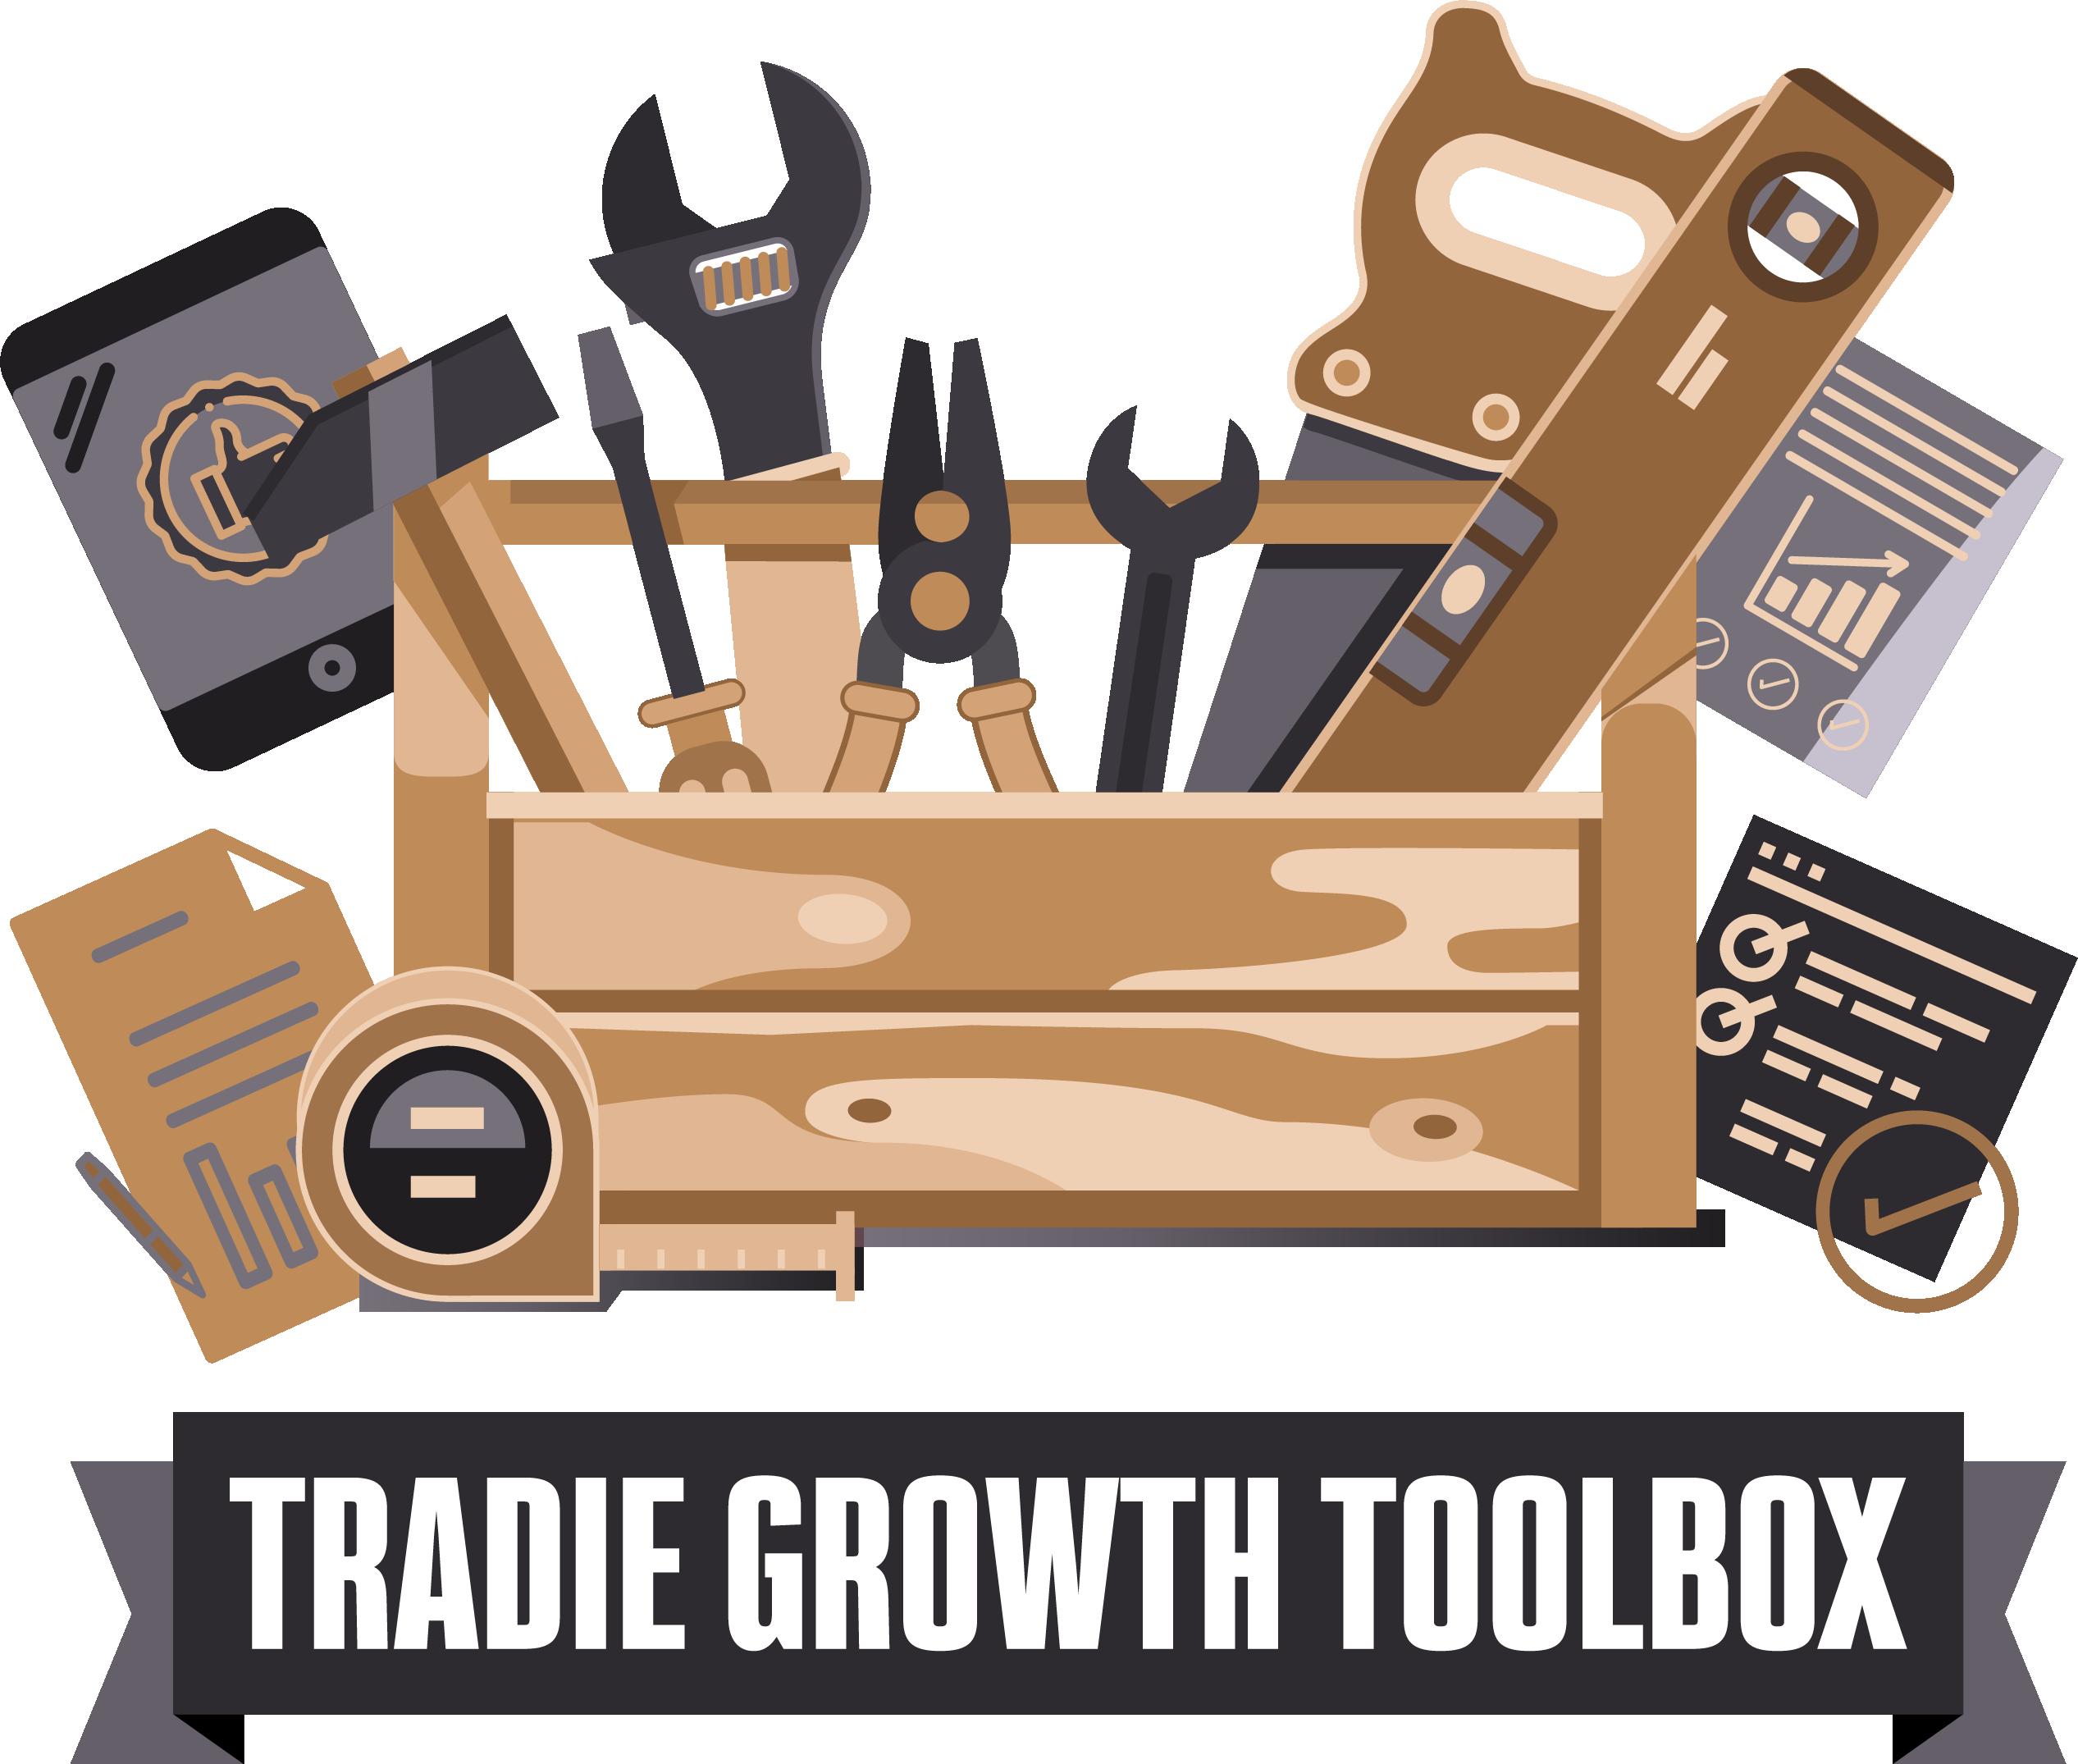 Tradie Toolbox image